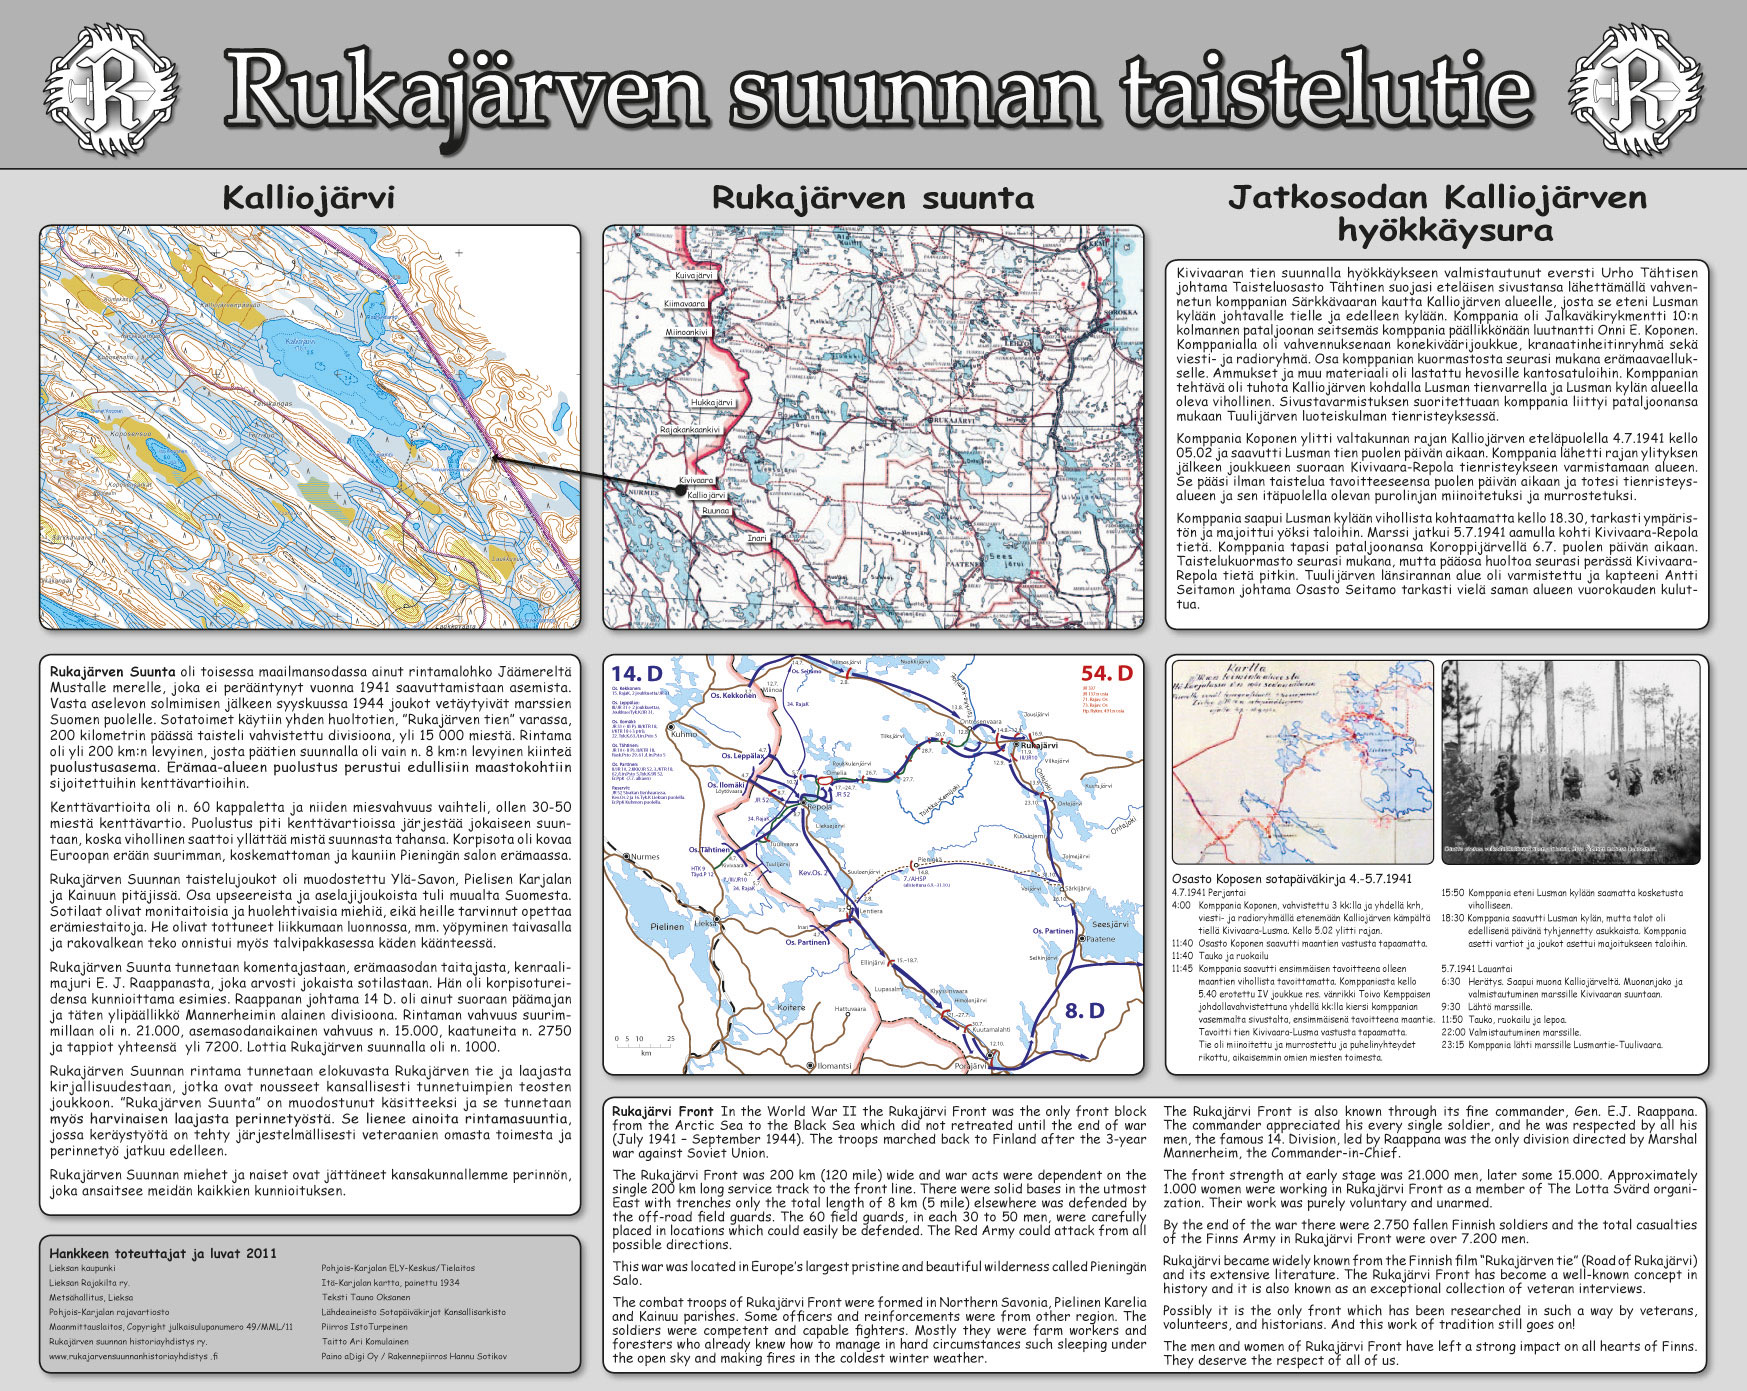 Kuvassa on esimerkinomaisesti yksi maastoon sijoitetuista opastauluista. Tauluissa on yleiskuvaus karttoineen Rukajärven suunnan taisteluista ja lisäksi kyseisen taulun sijoituspaikkaan liittyvä tarkennettu kuvaus.